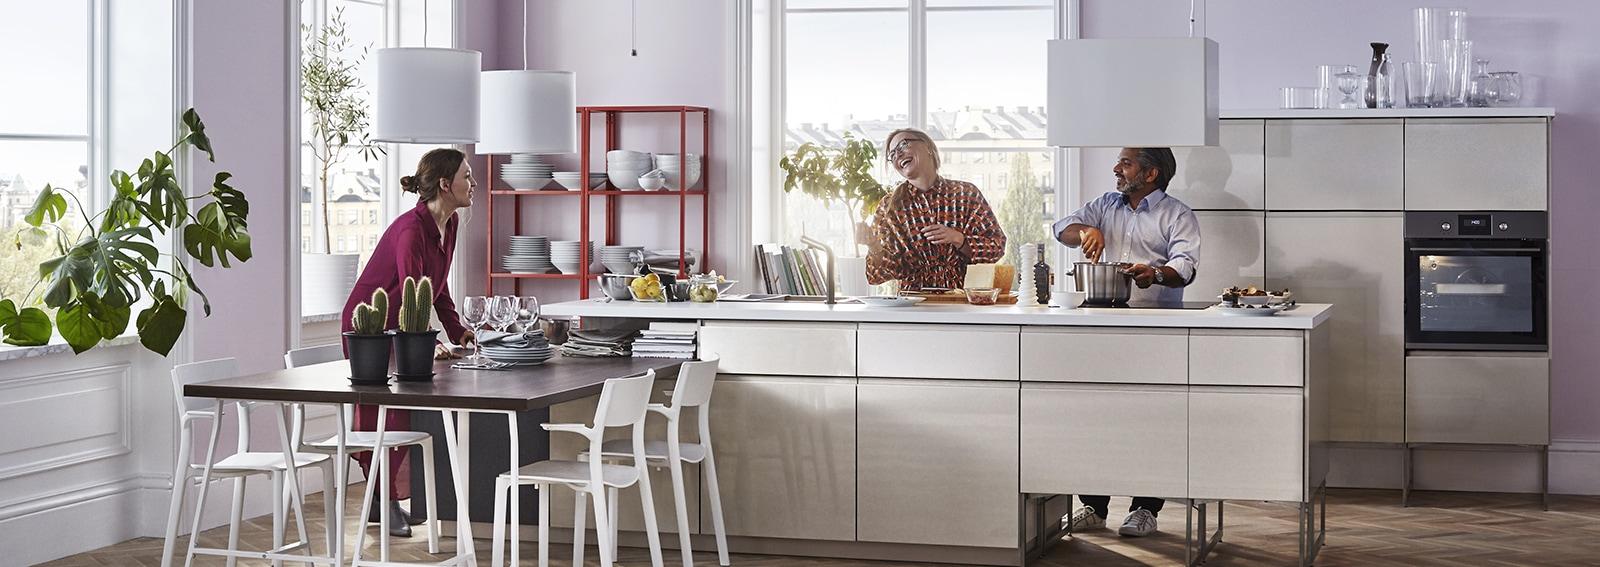 Beautiful Comporre Cucina Ikea Ideas - Ideas & Design 2017 ...